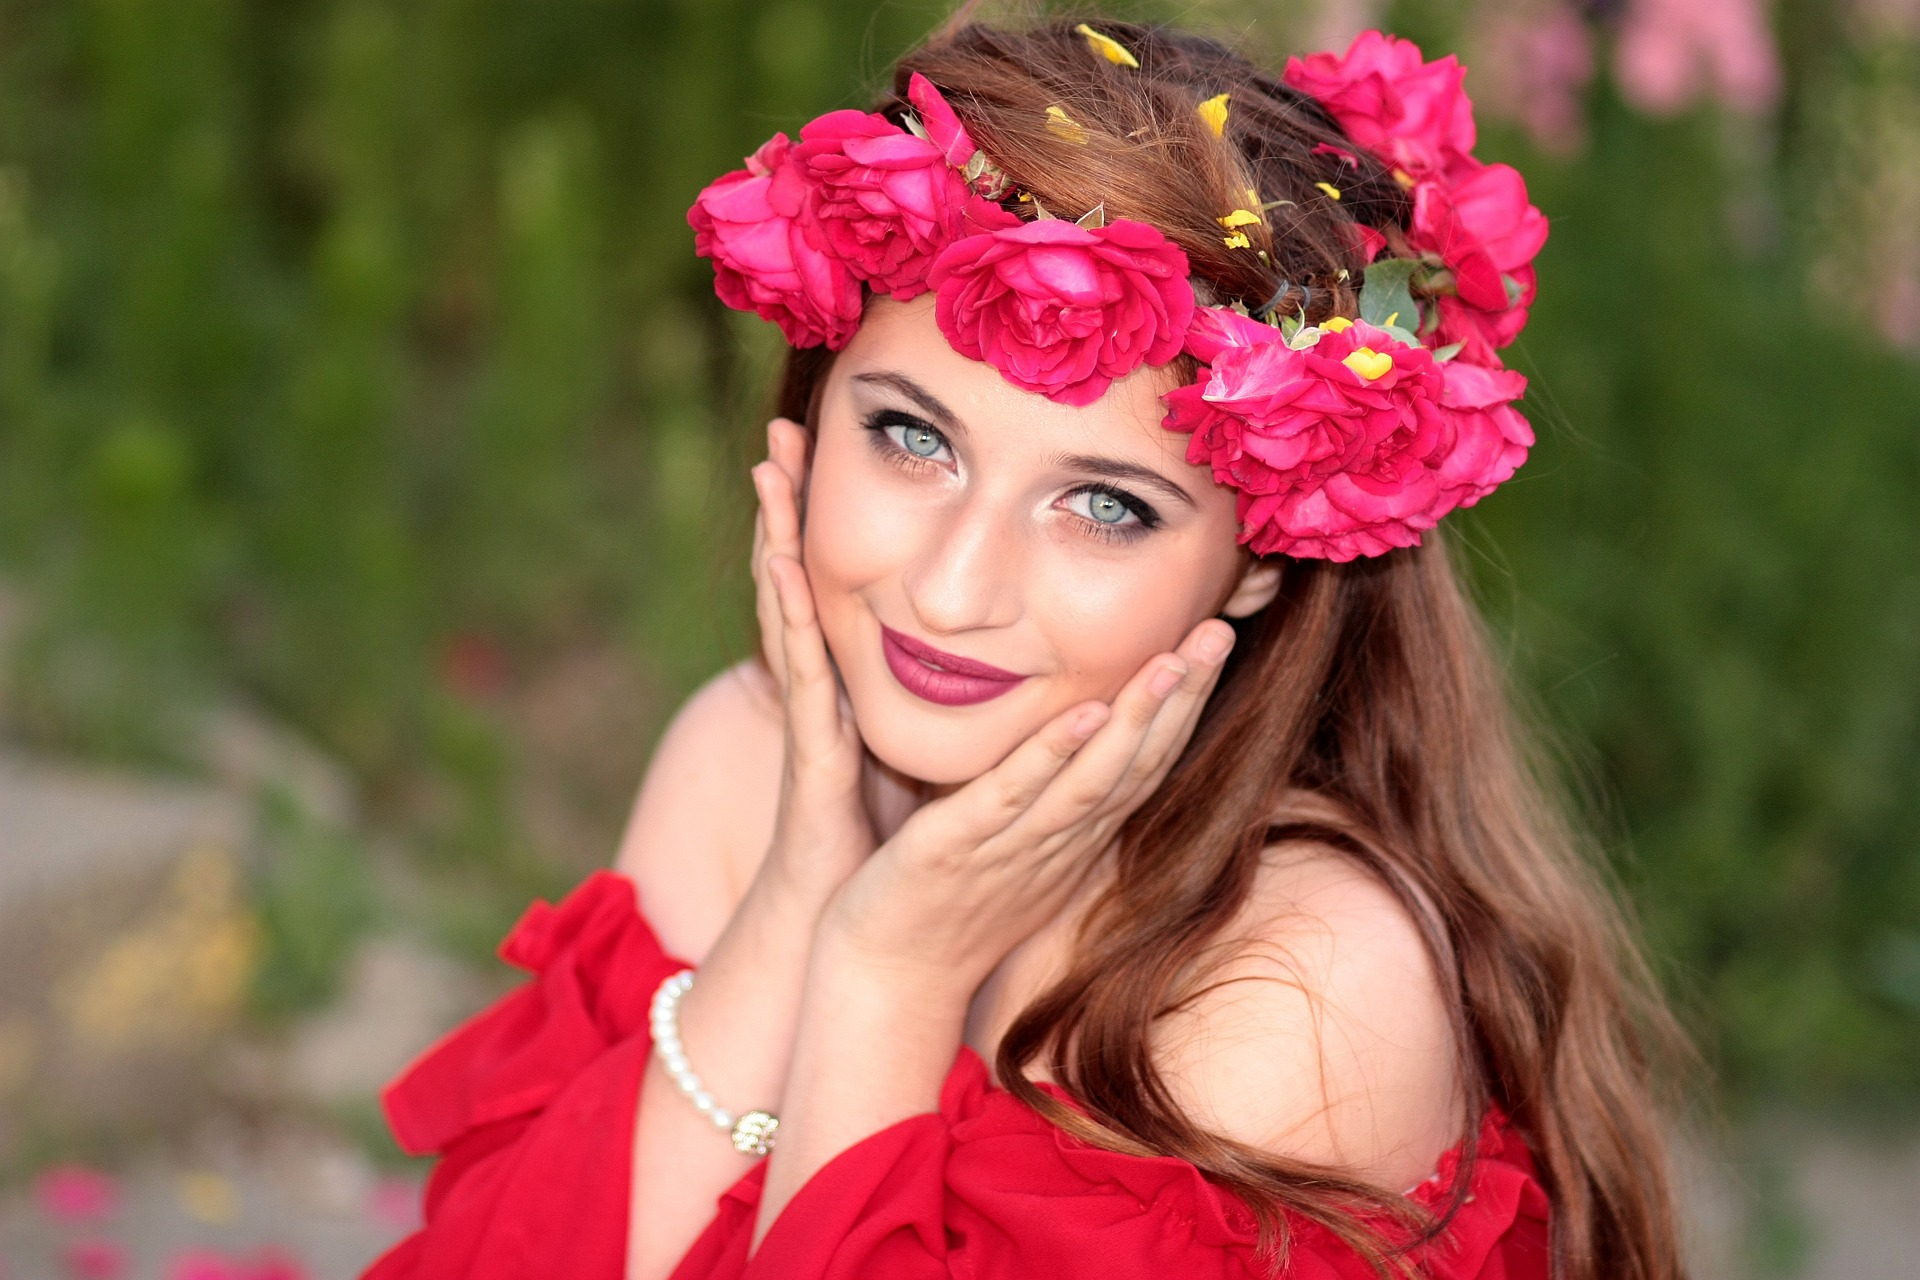 Как полюбить себя и повысить самооценку женщине: правим голову